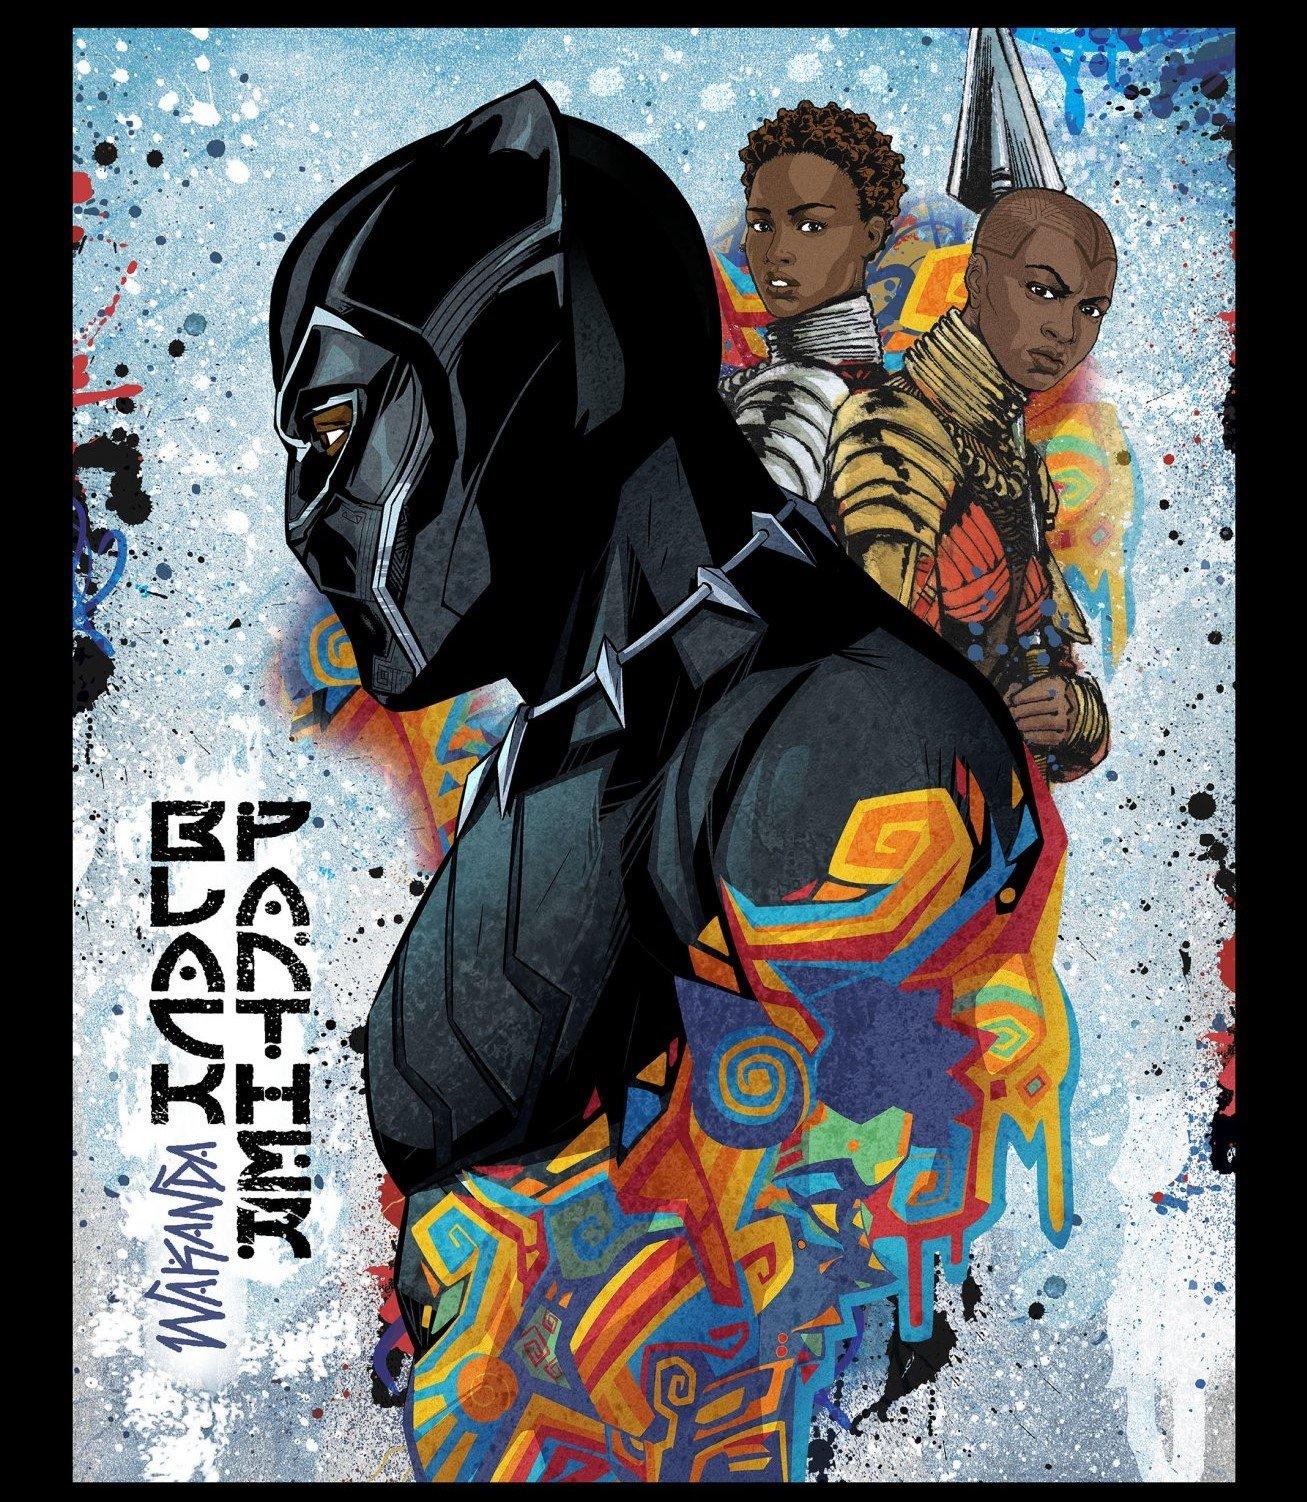 Black Panther 67594 Panel